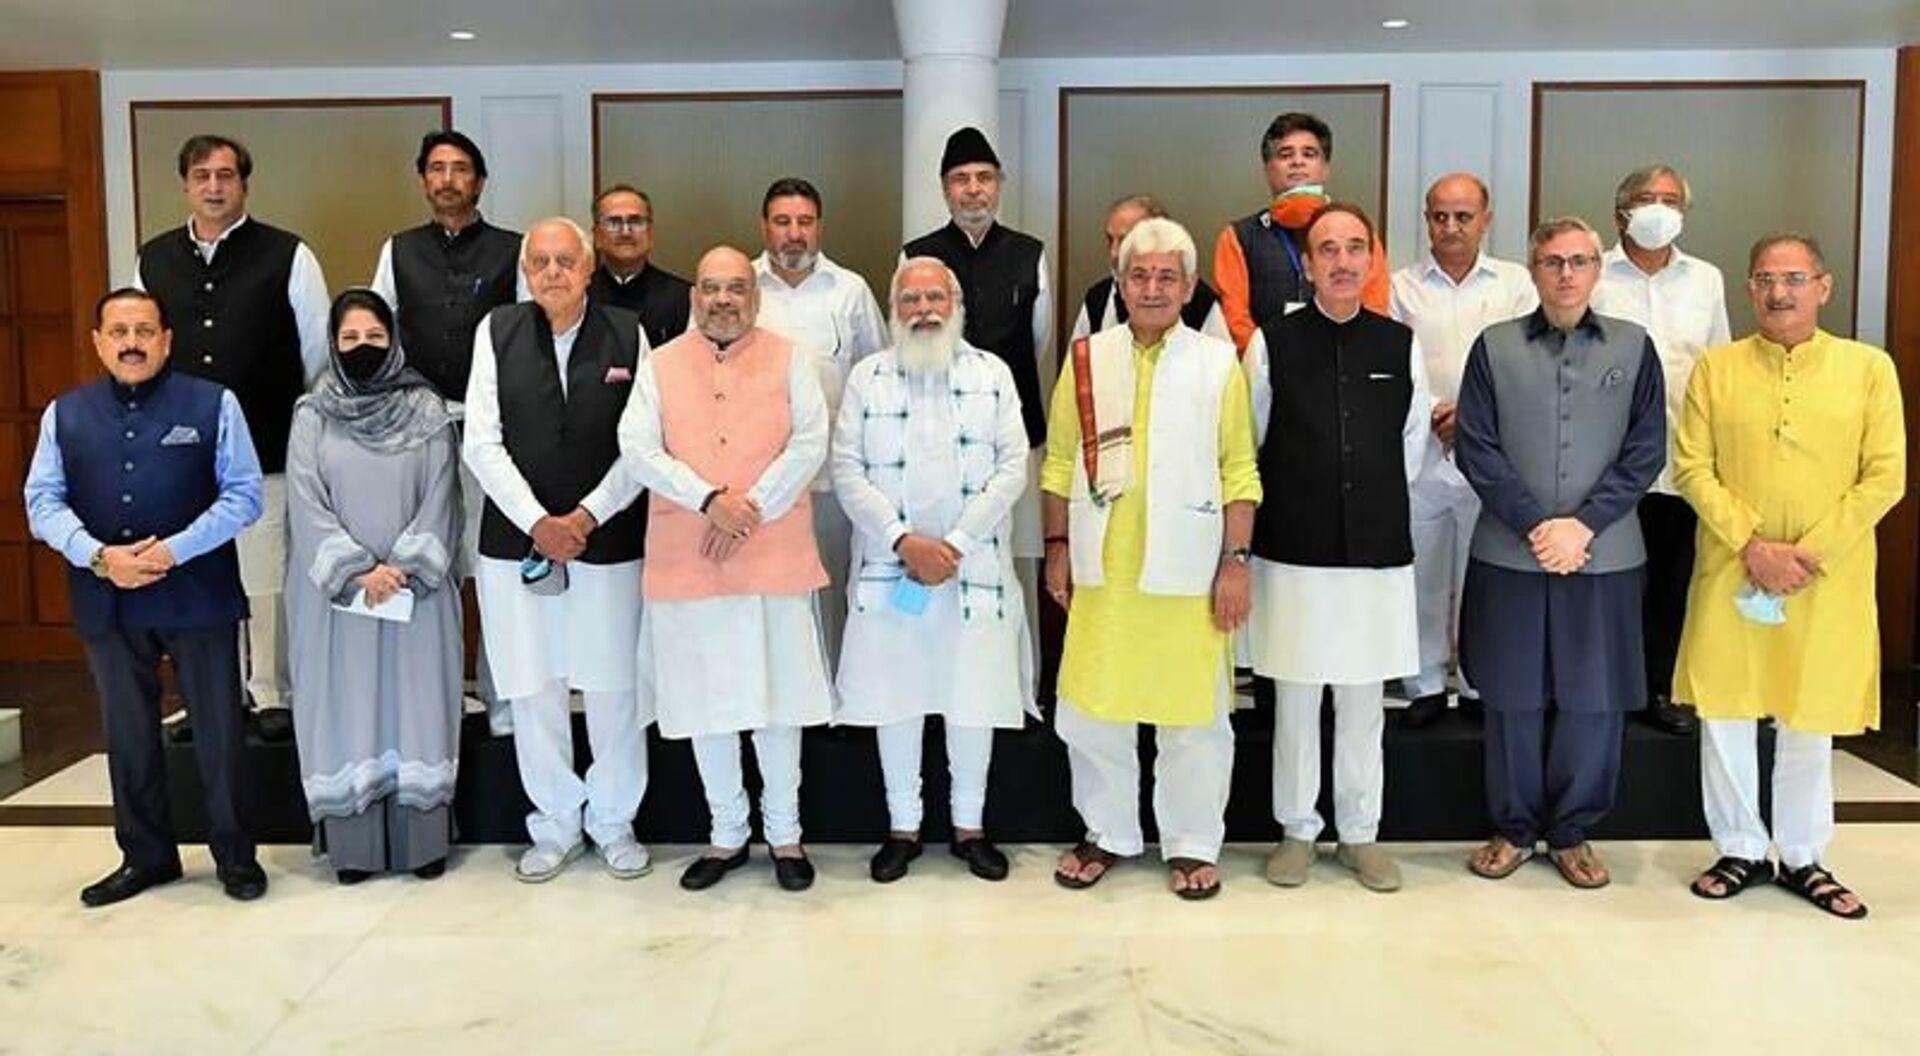 Hindistan Başbakan Narendra Modi,Hindistan kontrolünde bulunan tartışmalıCammuKeşmir'in sahip olduğu ve eyalete 'yarı bağımsızlık' tanıyan özel statüsünün 2019'da kaldırılmasından bu yana ilk kez Keşmirli yerel liderlerle bir araya geldi. - Sputnik Türkiye, 1920, 25.06.2021